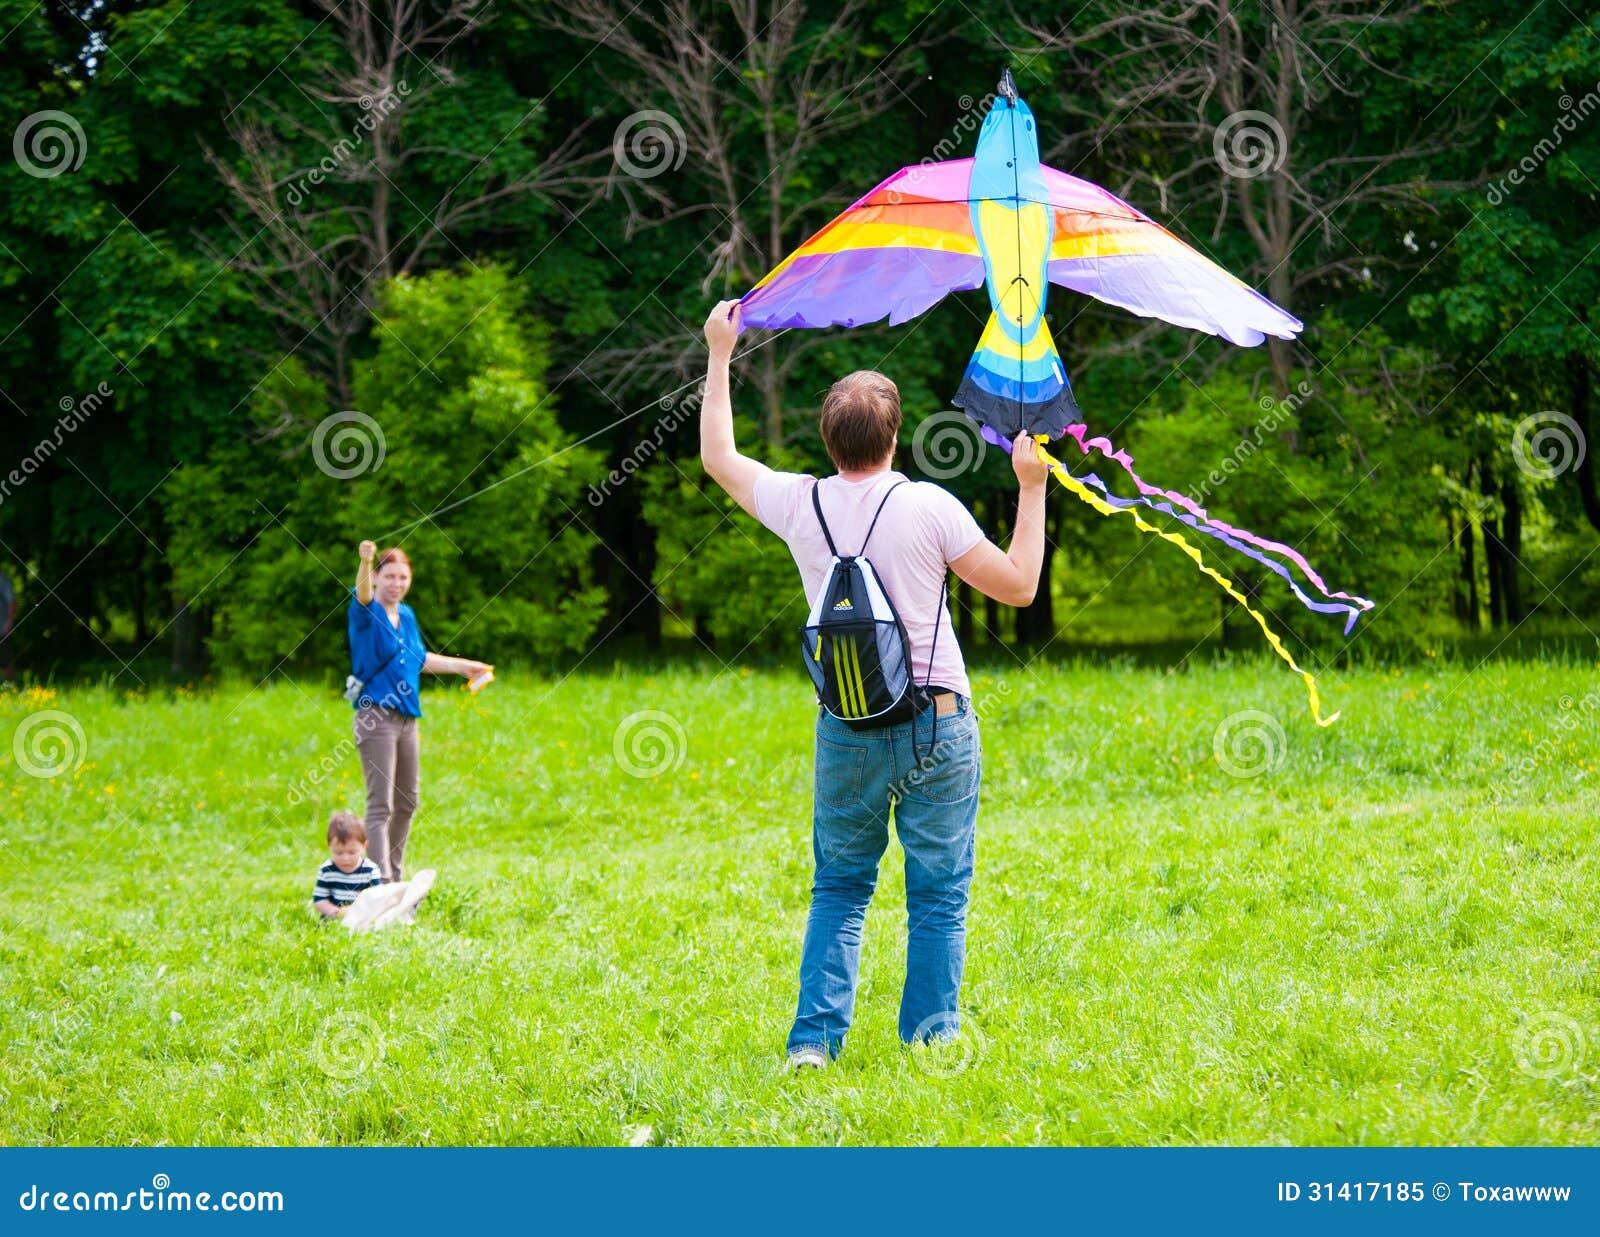 Kite Festival E...